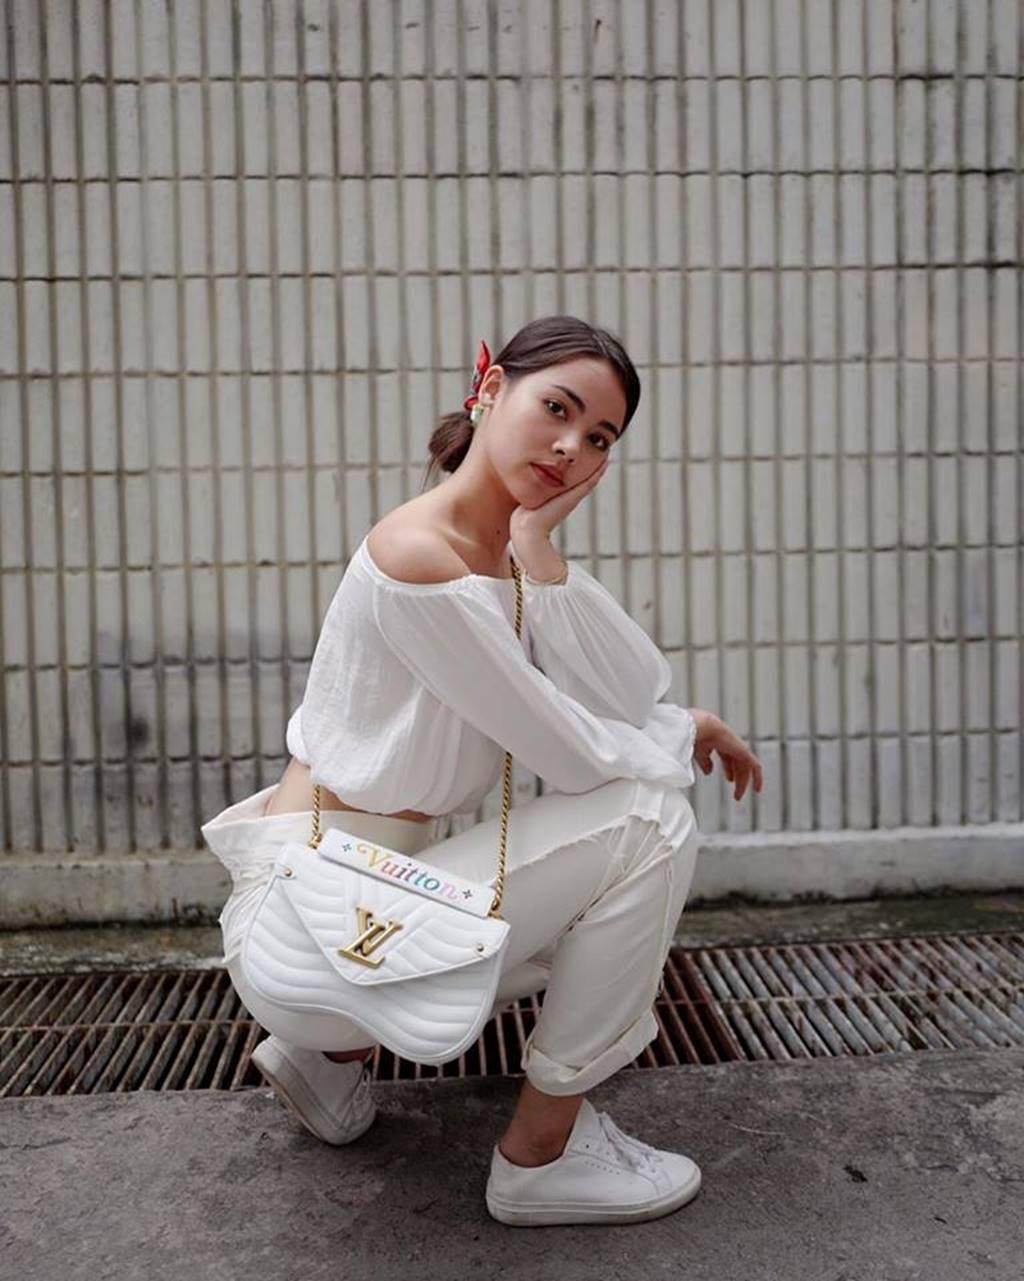 Mê mẩn trước nhan sắc ngọc nữ xứ Chùa Vàng diện áo dài vừa du lịch ở Việt Nam-11